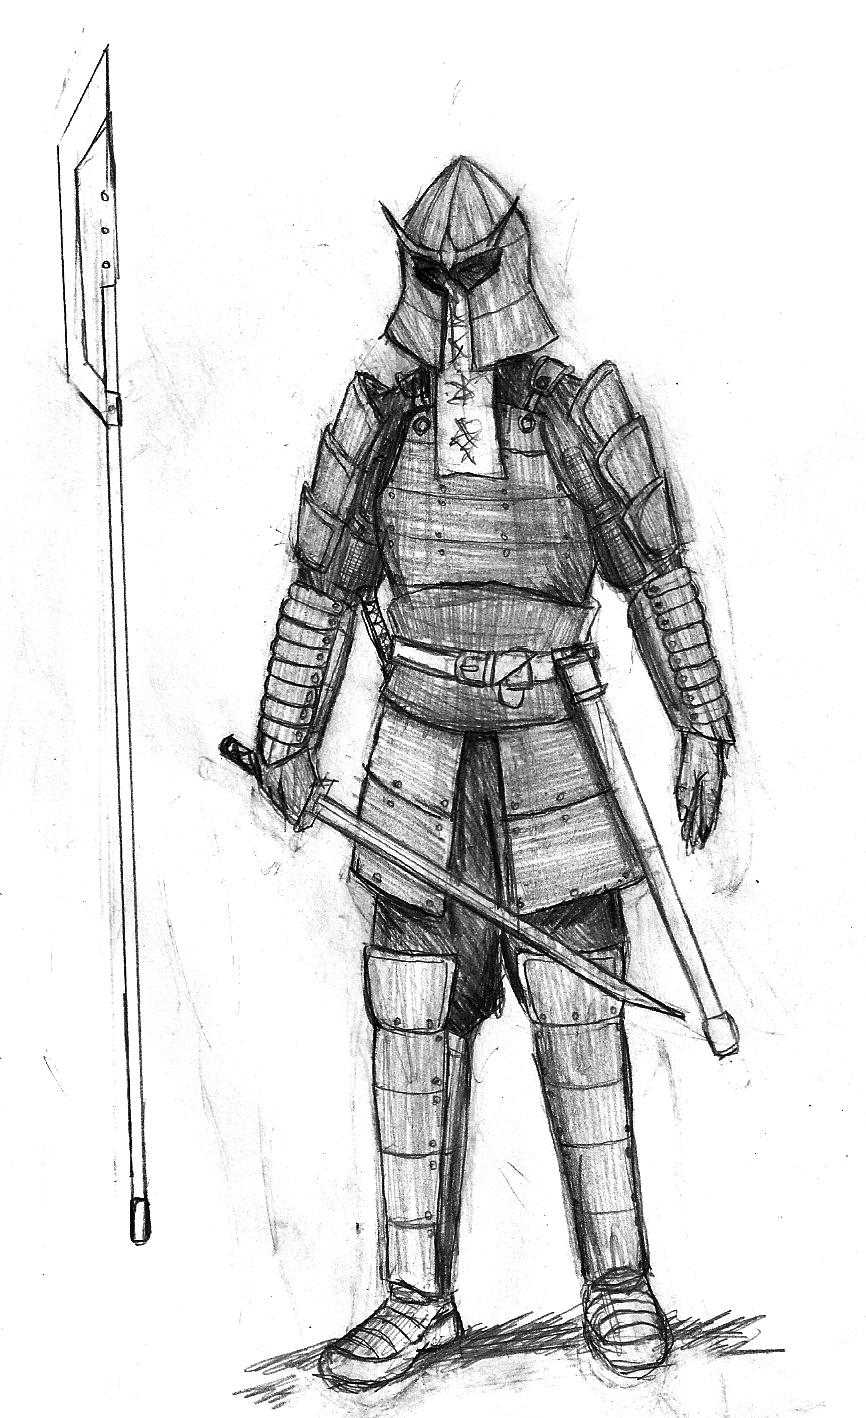 Warrior Of Darktown Sketch By Cookiemaniac23 On Deviantart